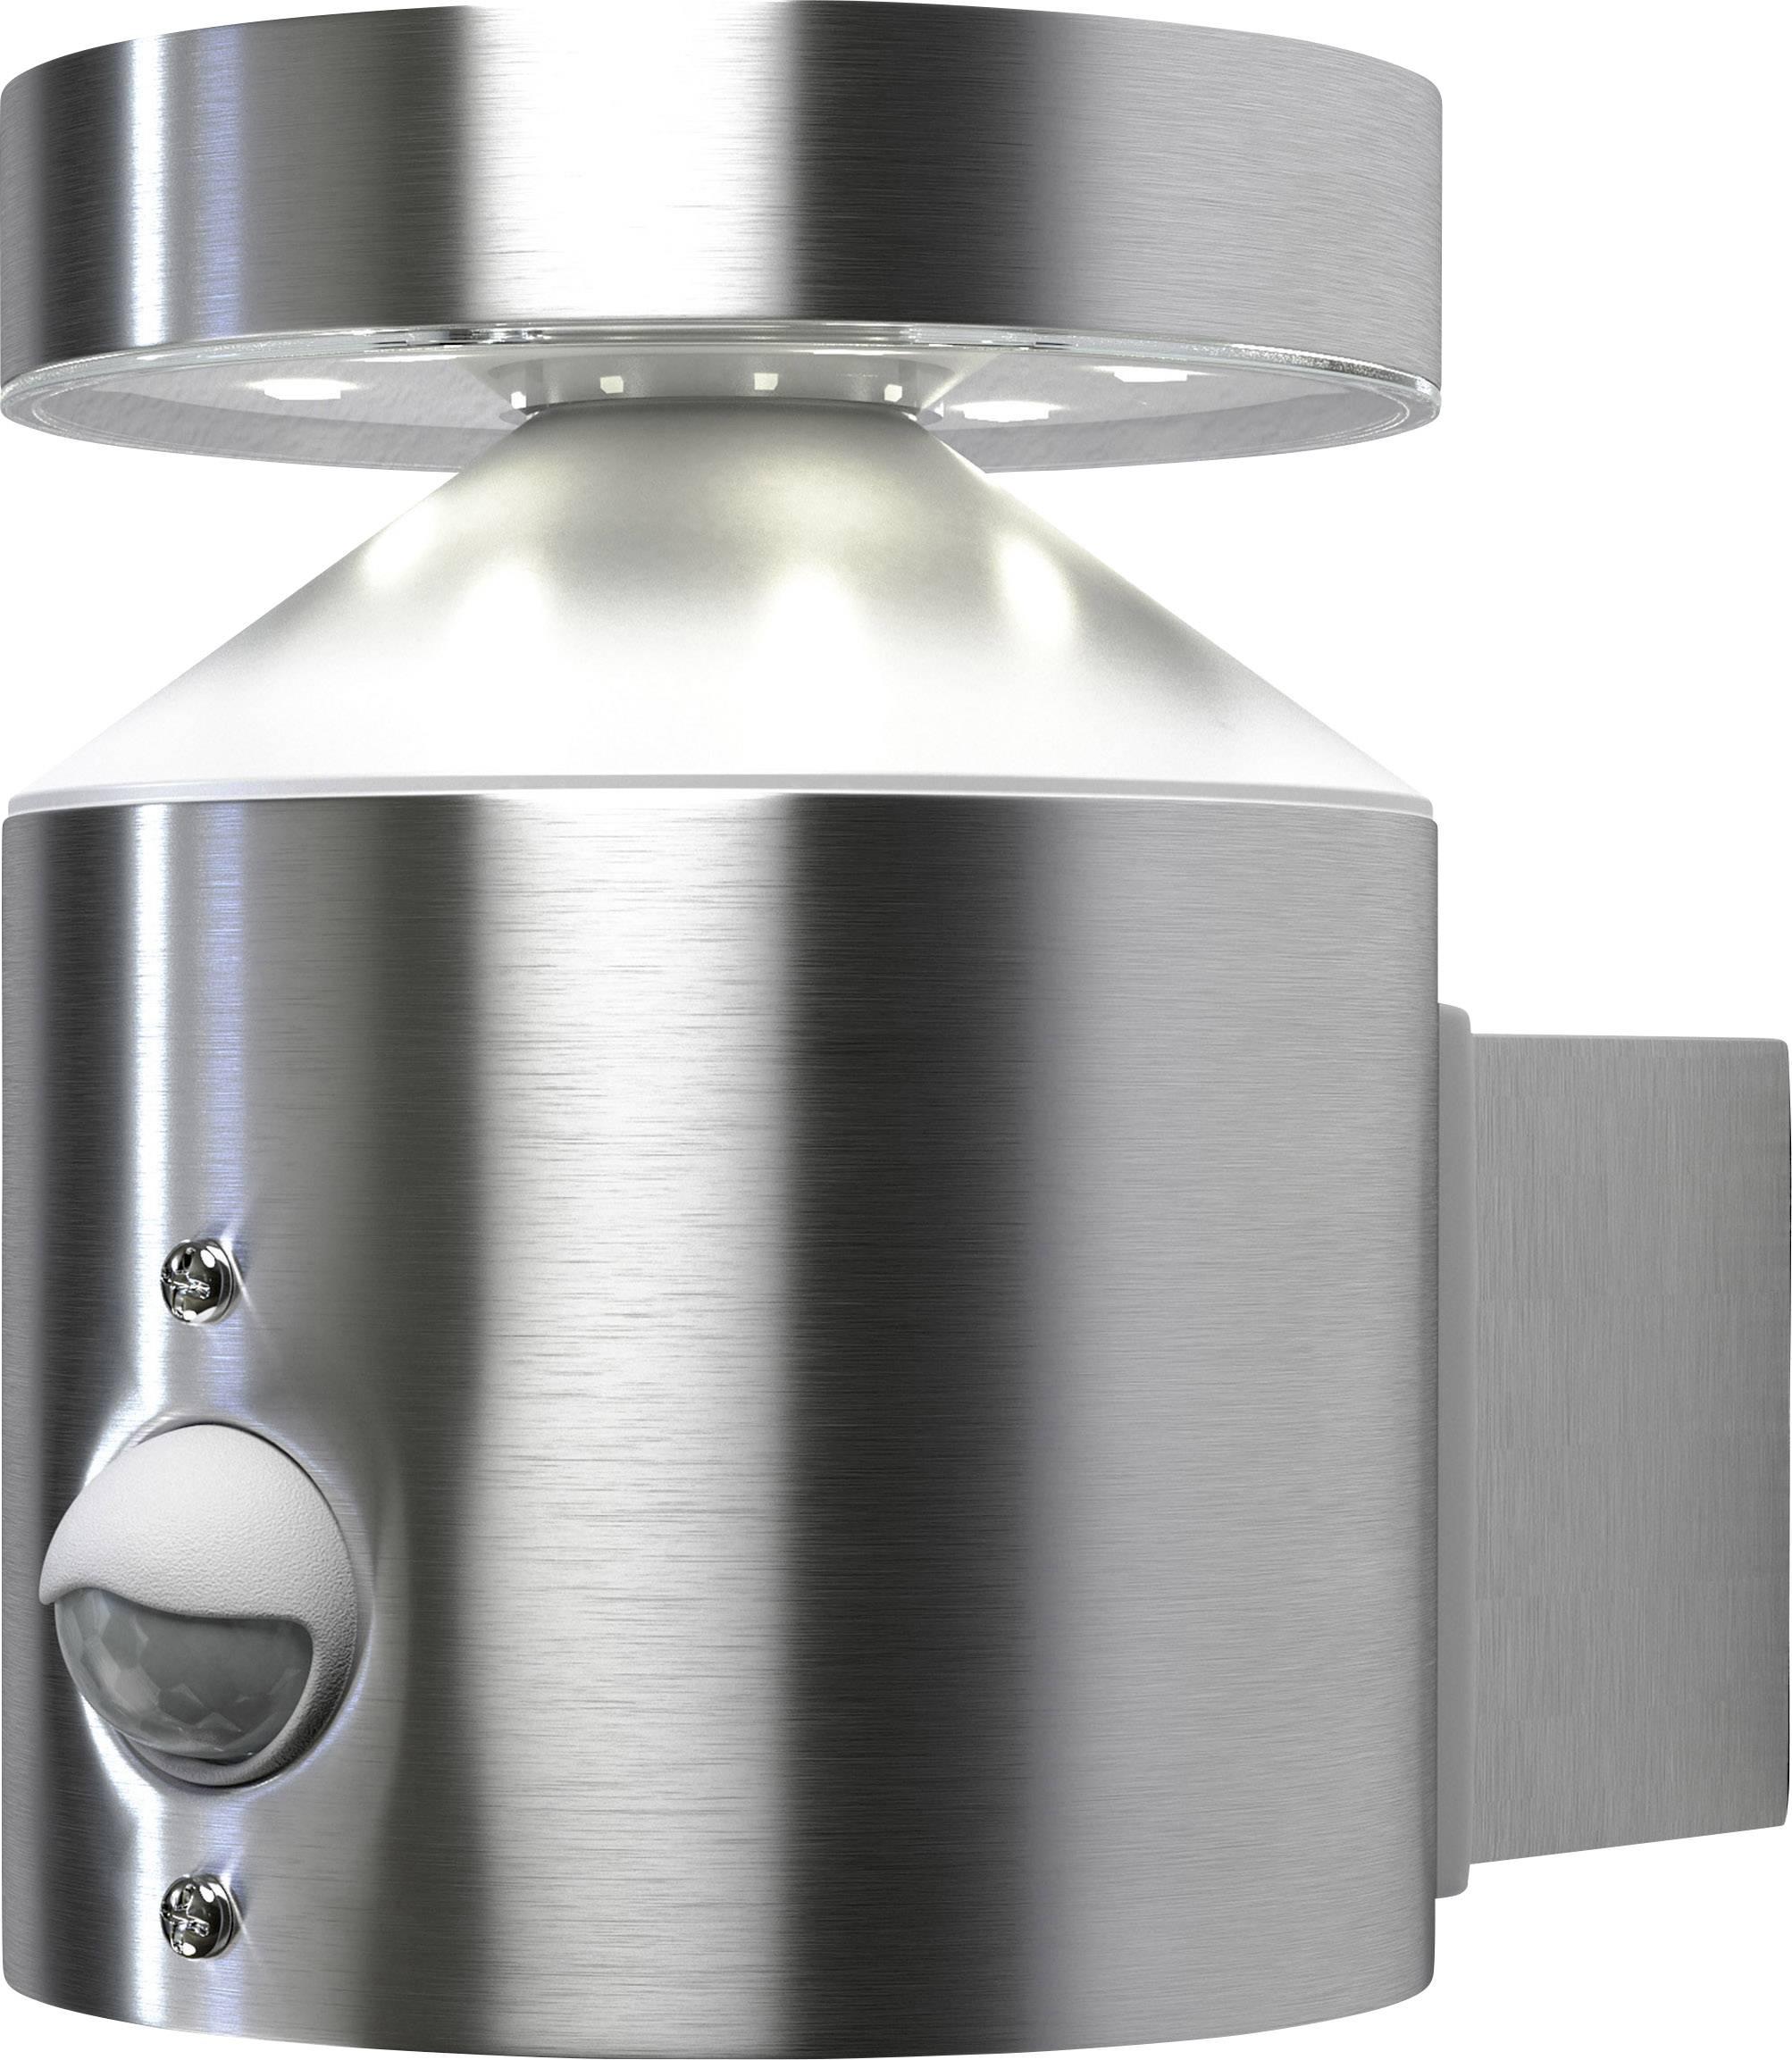 Super OSRAM Endura® Style Cylinder Wall 4058075032576 LED PO36